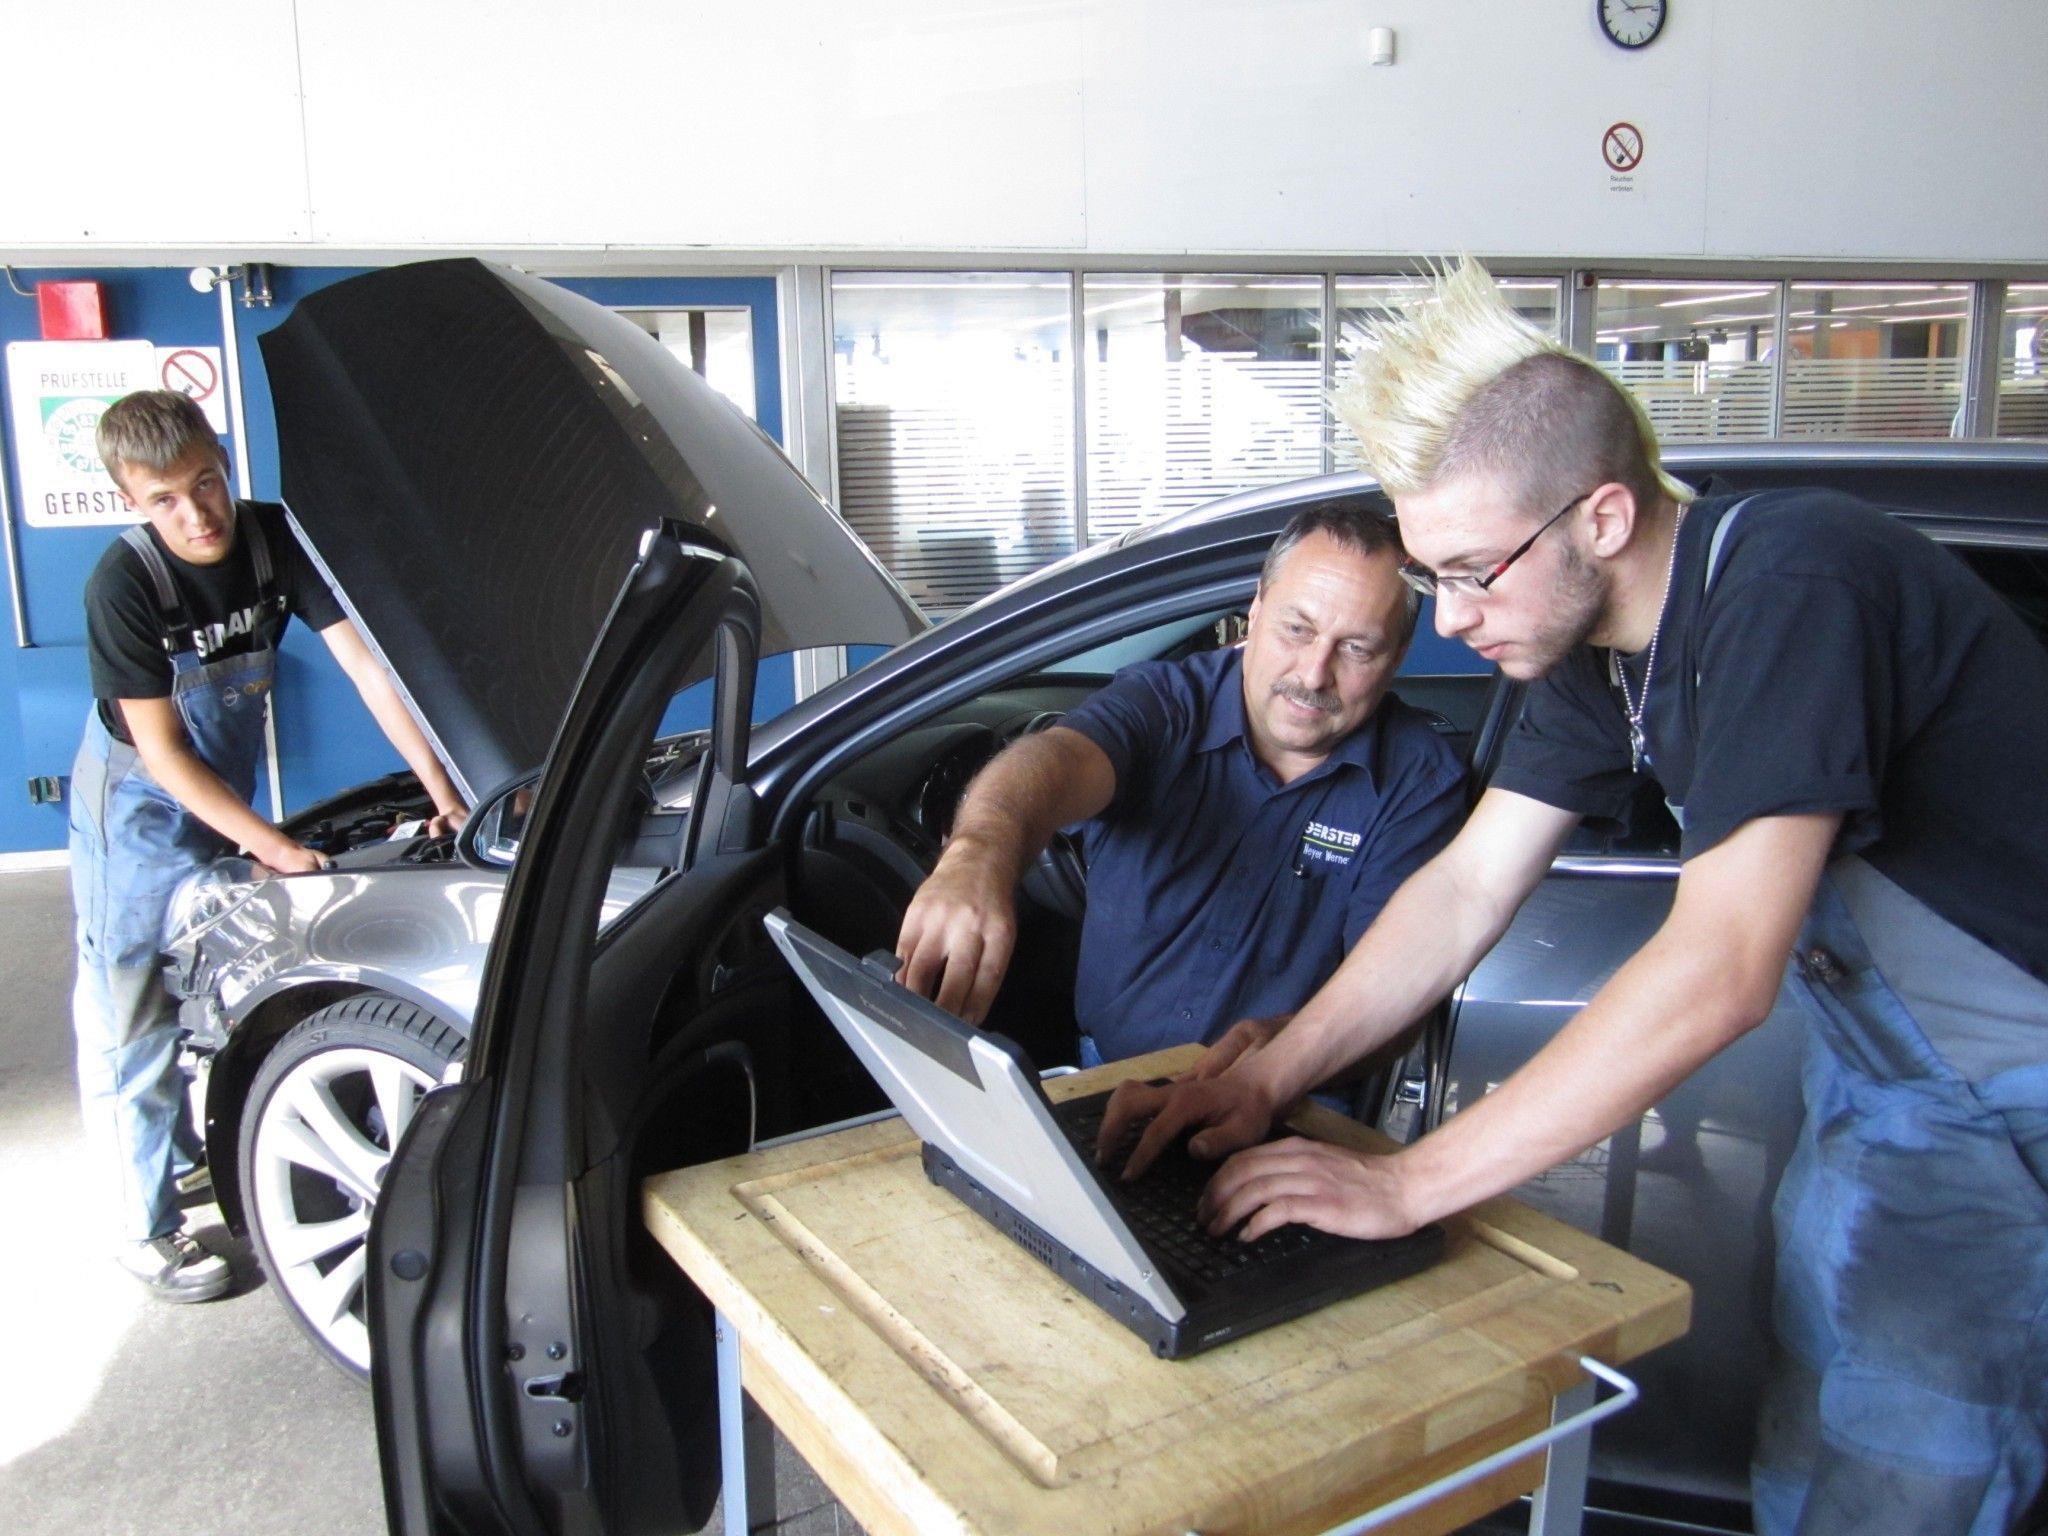 Florian liest am Fahrzeug die Fehlercodes aus